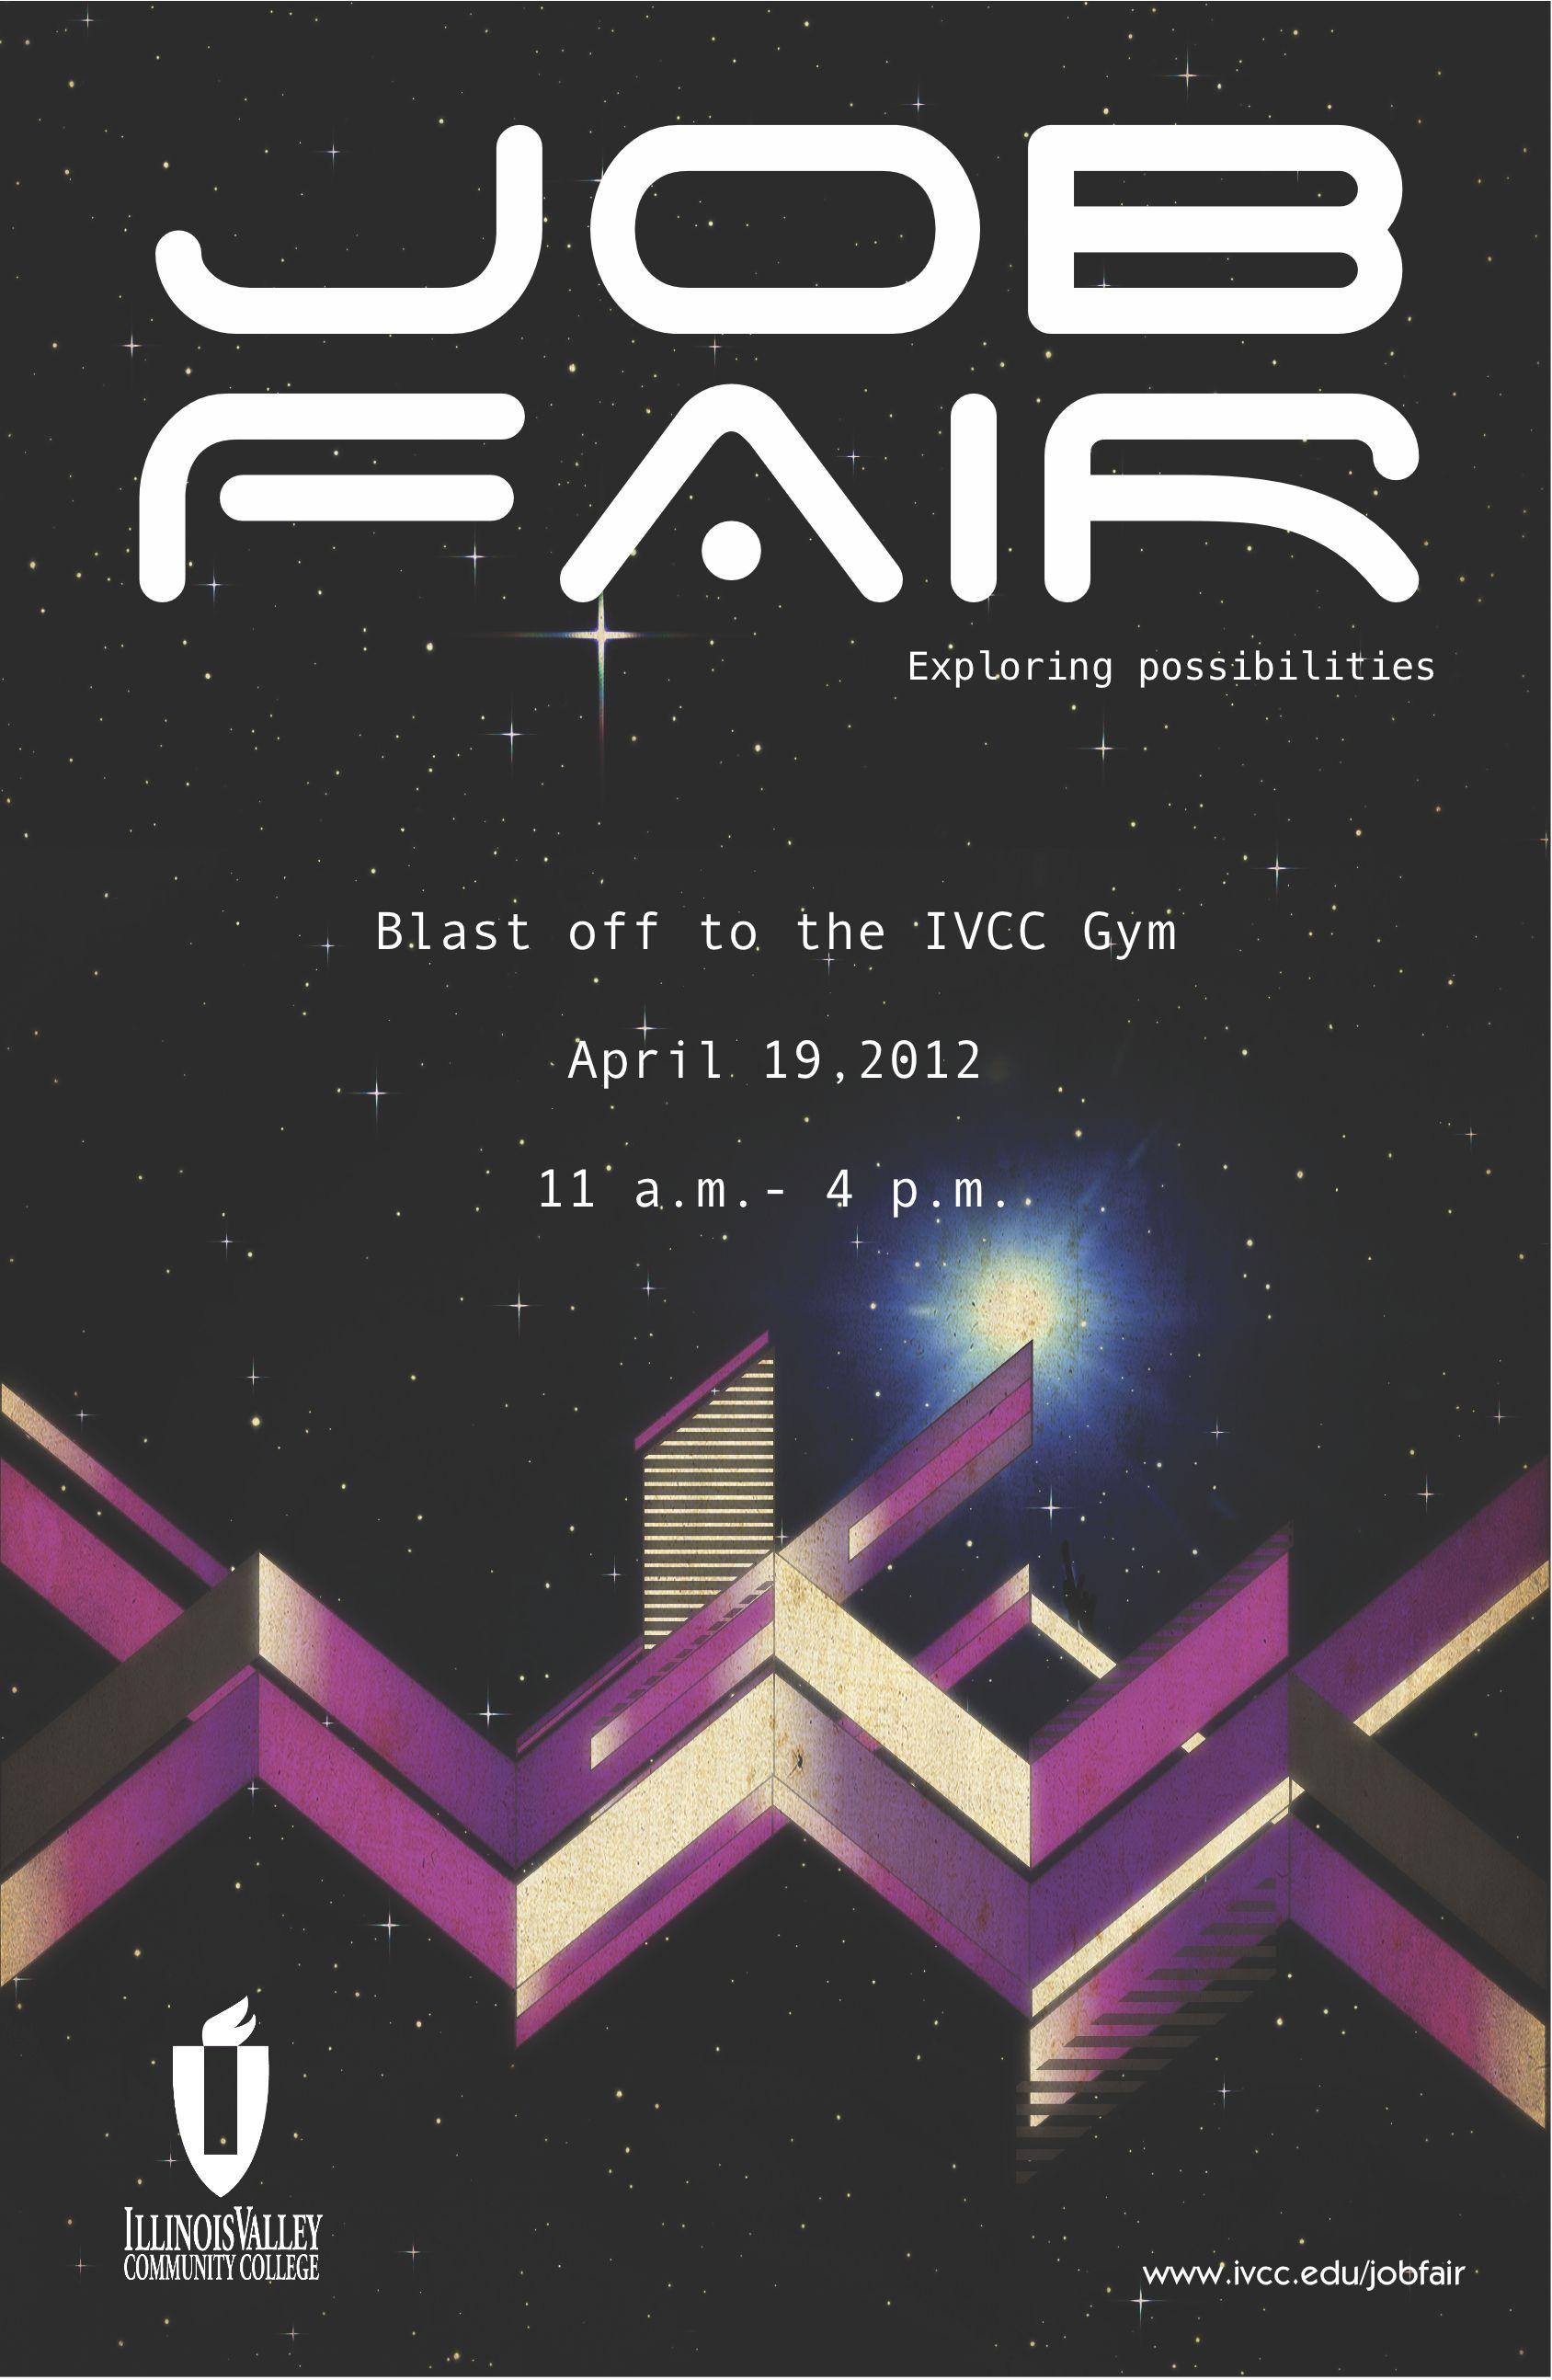 Poster design job description - Job Fair Poster For Ivcc